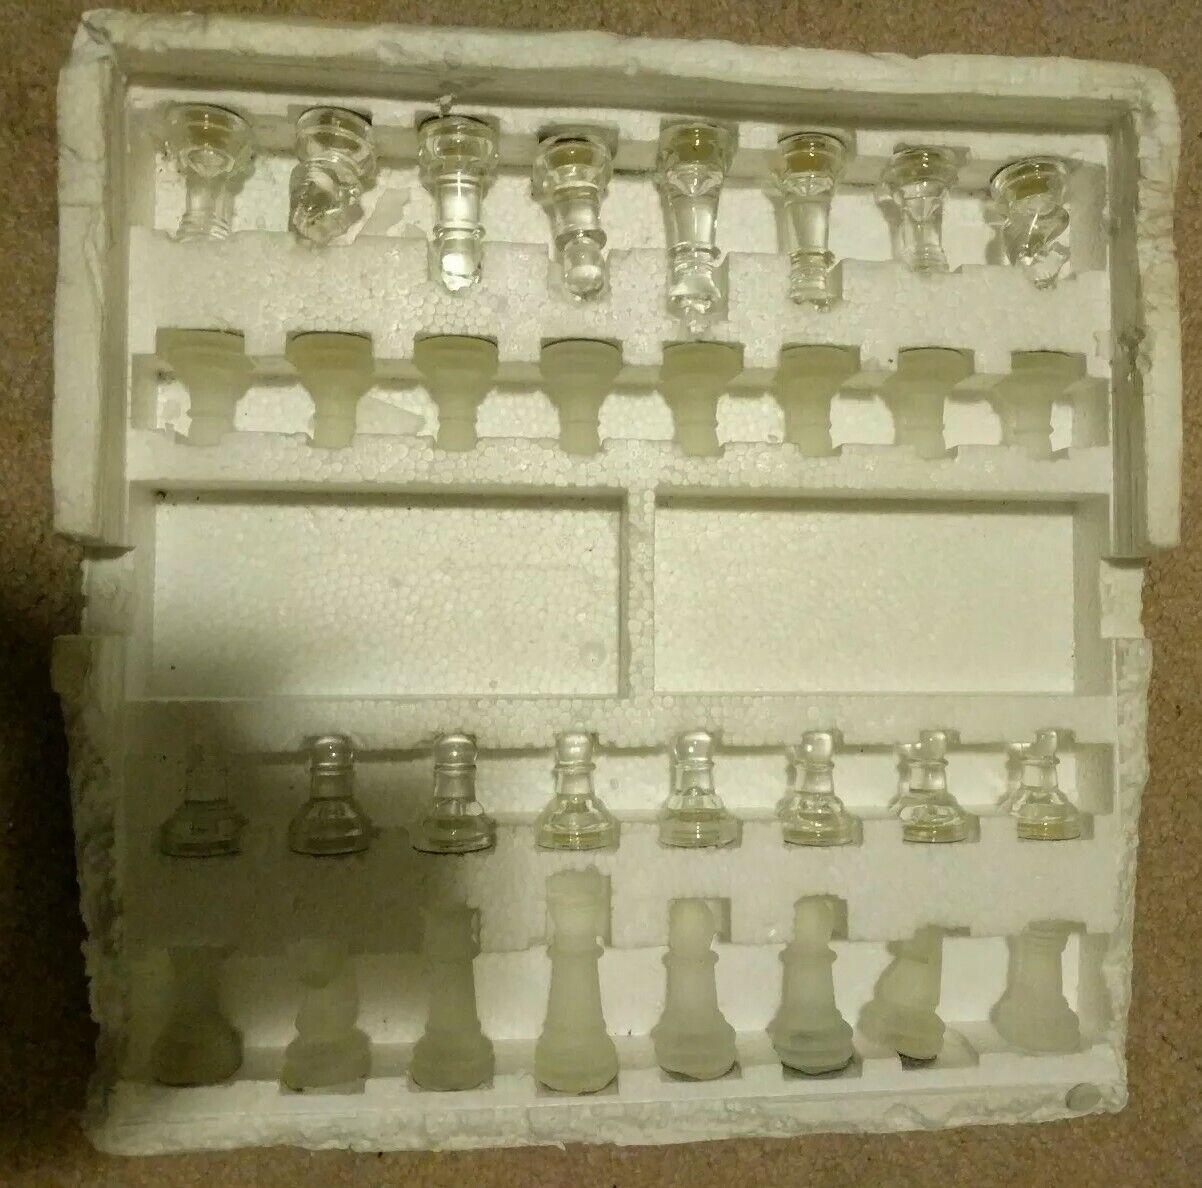 Chess glass board, Luxe Cristal Pièces Set-vintage de haute qualité élégant jeu